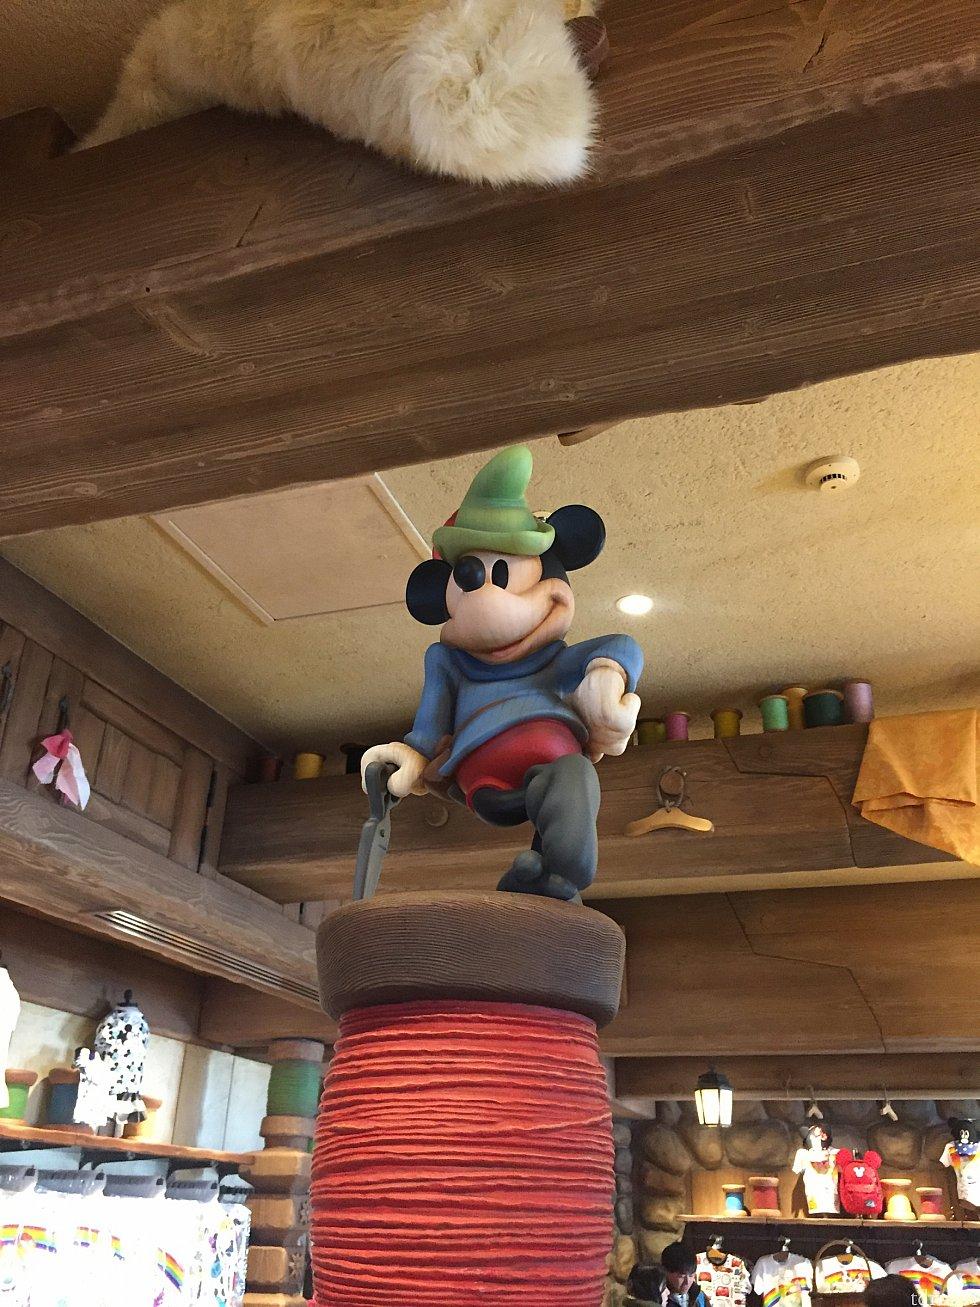 仕立て屋に扮するミッキー♡ ミッキーが仕立ててくれたと考えるだけで嬉しくなっちゃいます(o^^o)